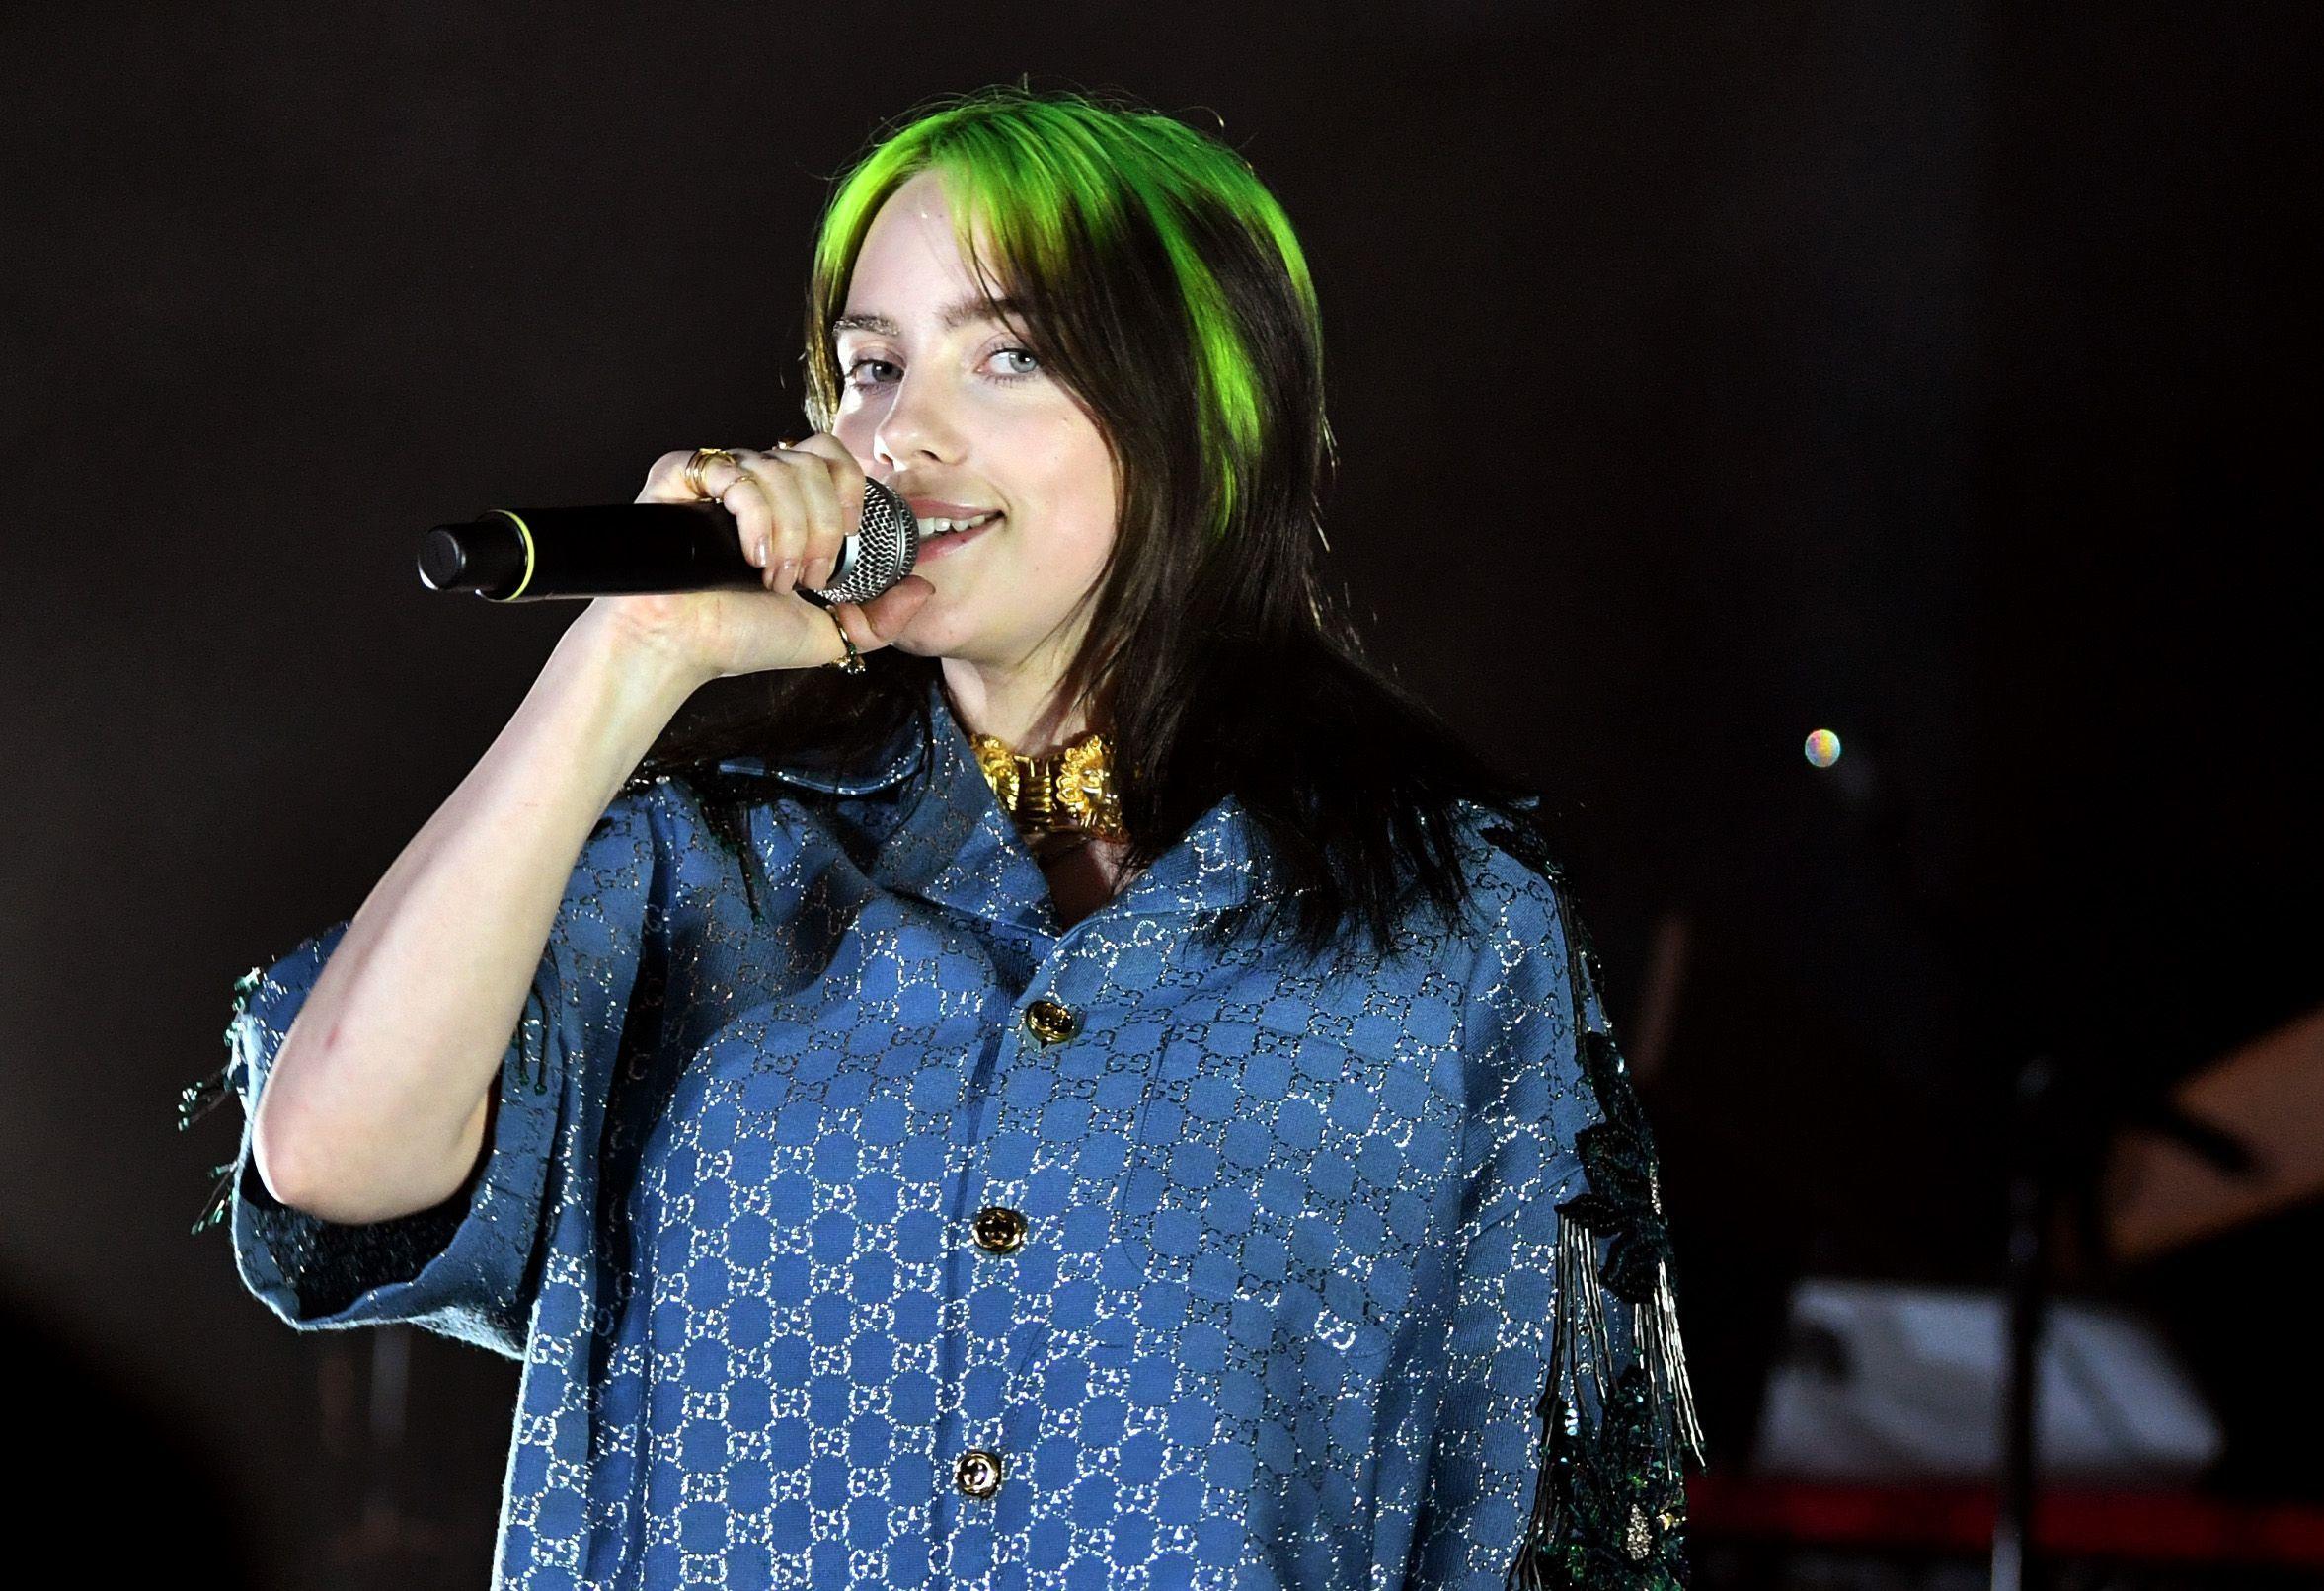 Billie Eilish: la gente indossa parrucche verdi per fingersi me